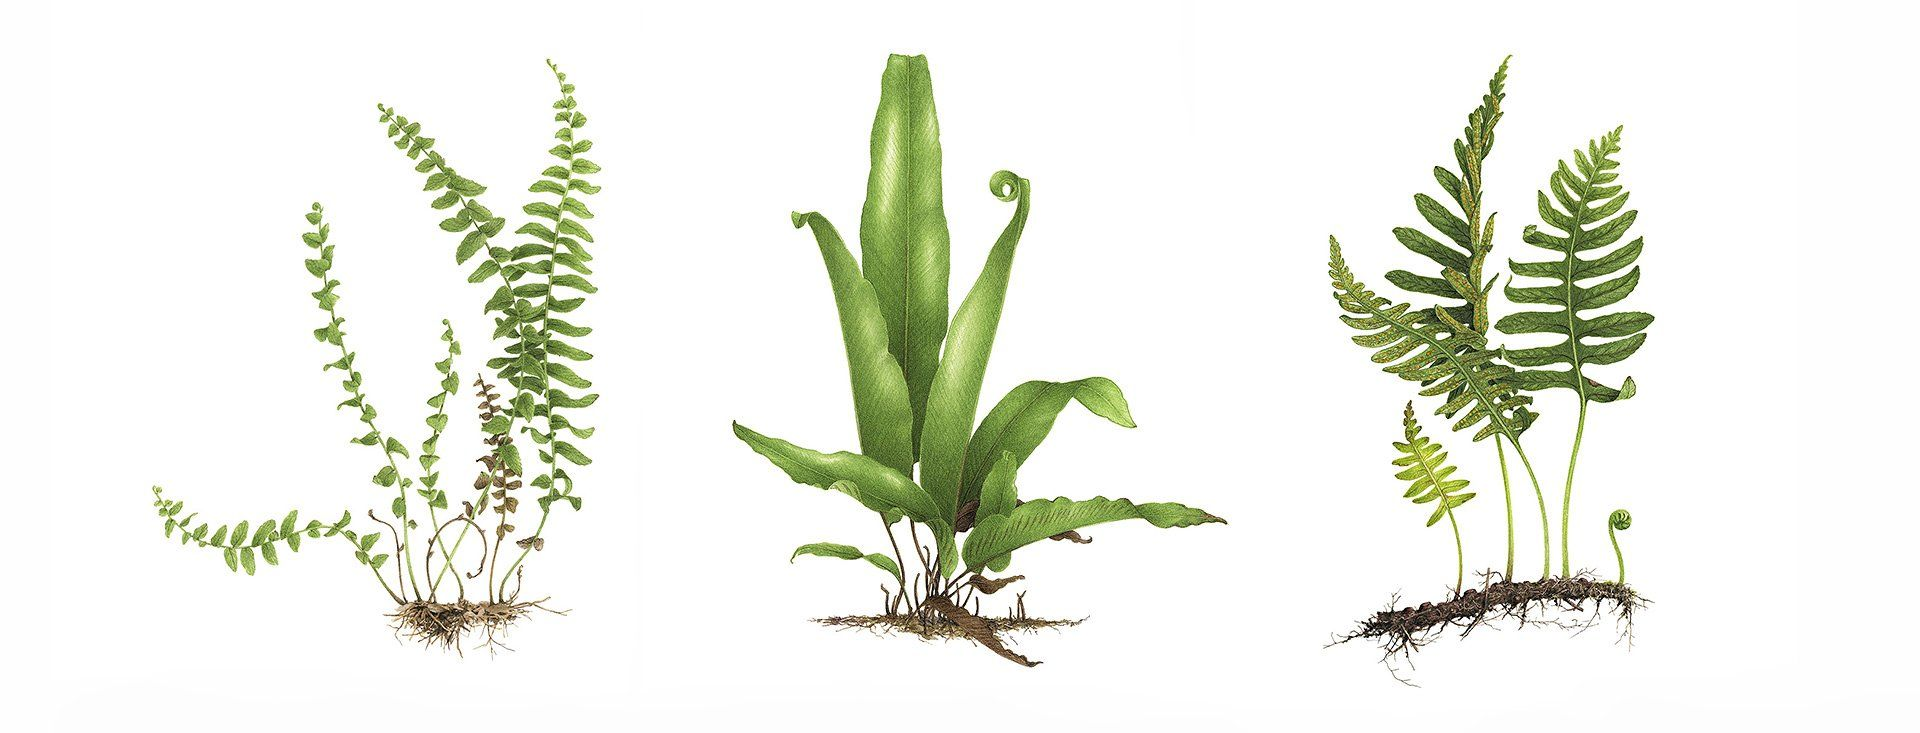 Vincent Jeannerot Aquarelles Botaniques Avec Images